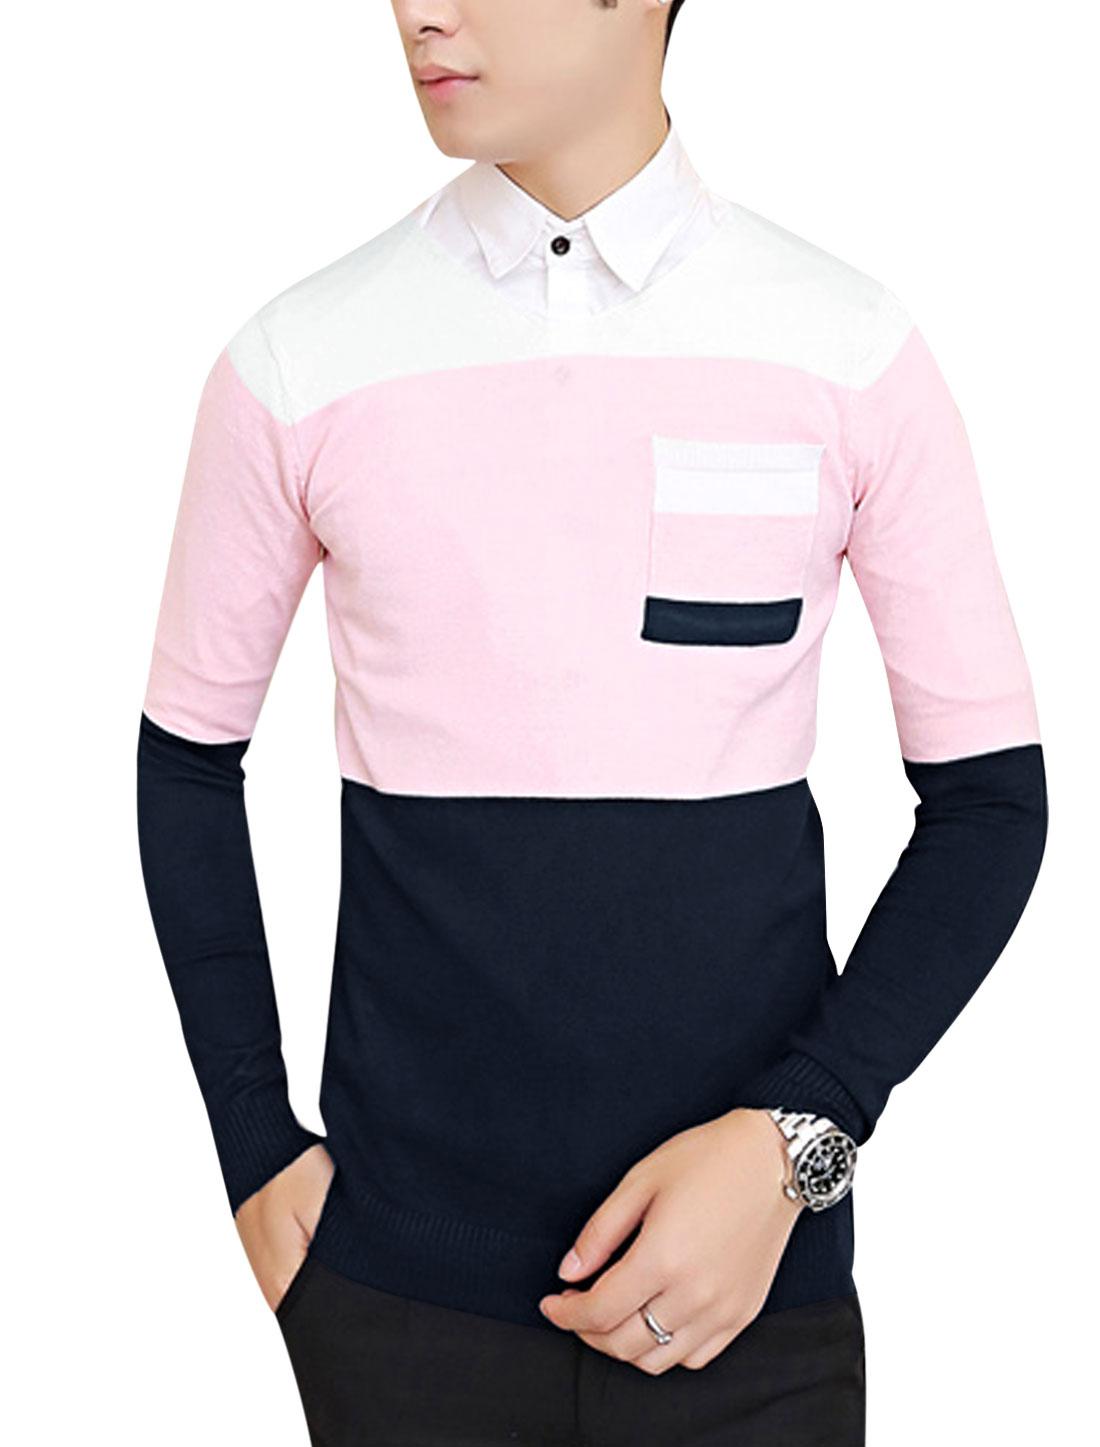 Men V Neck Contrast Color Casual Knit Shirt Pink Navy Blue S